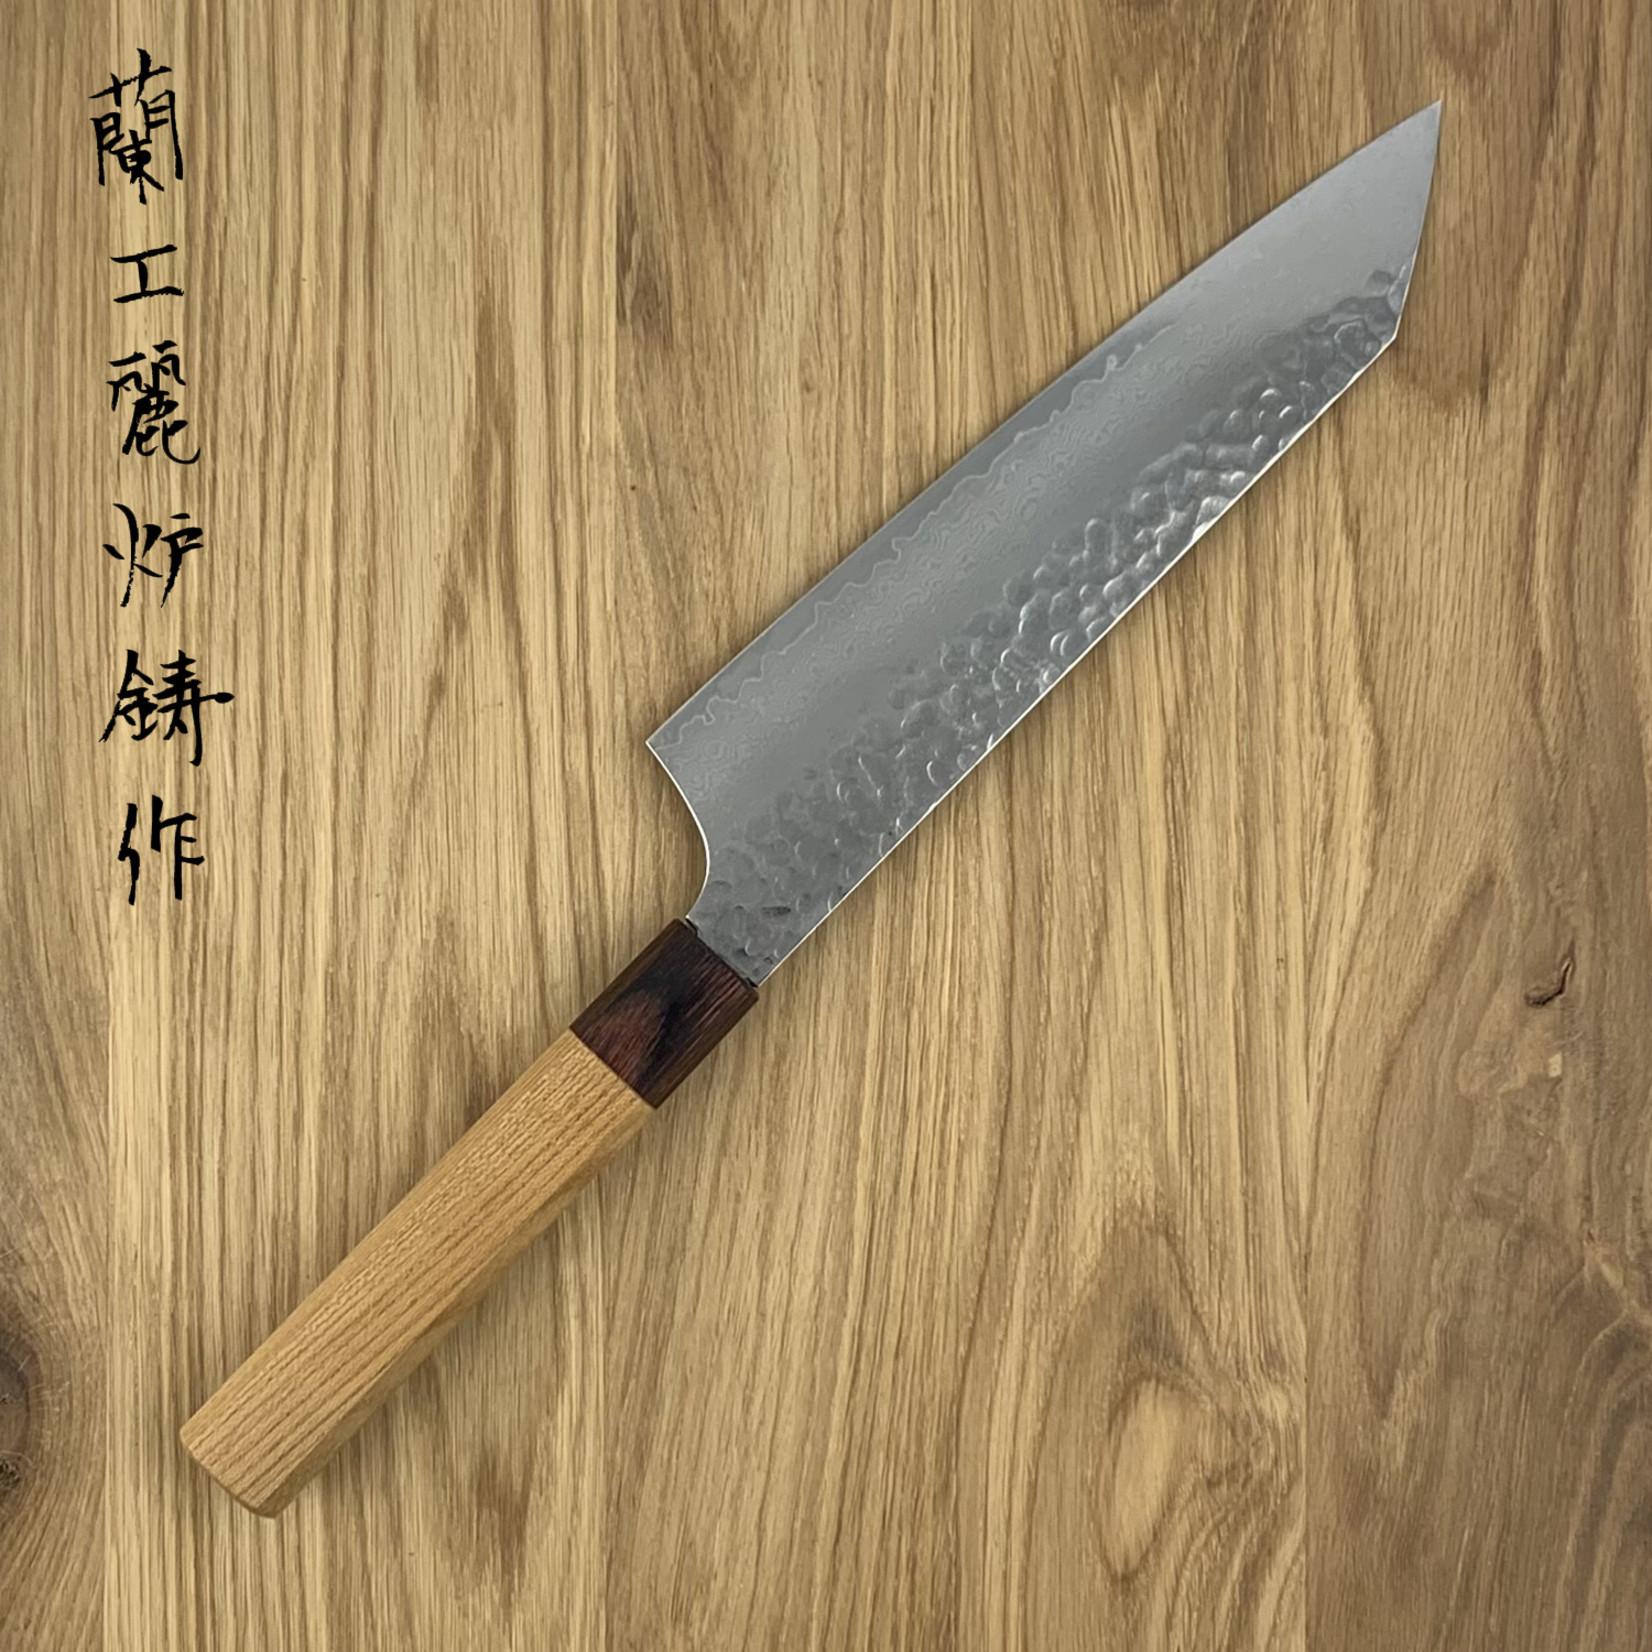 SAKAI TAKAYUKI 33 layers hammered Kengata 190 mm Zelkova Japanese Handle 07480